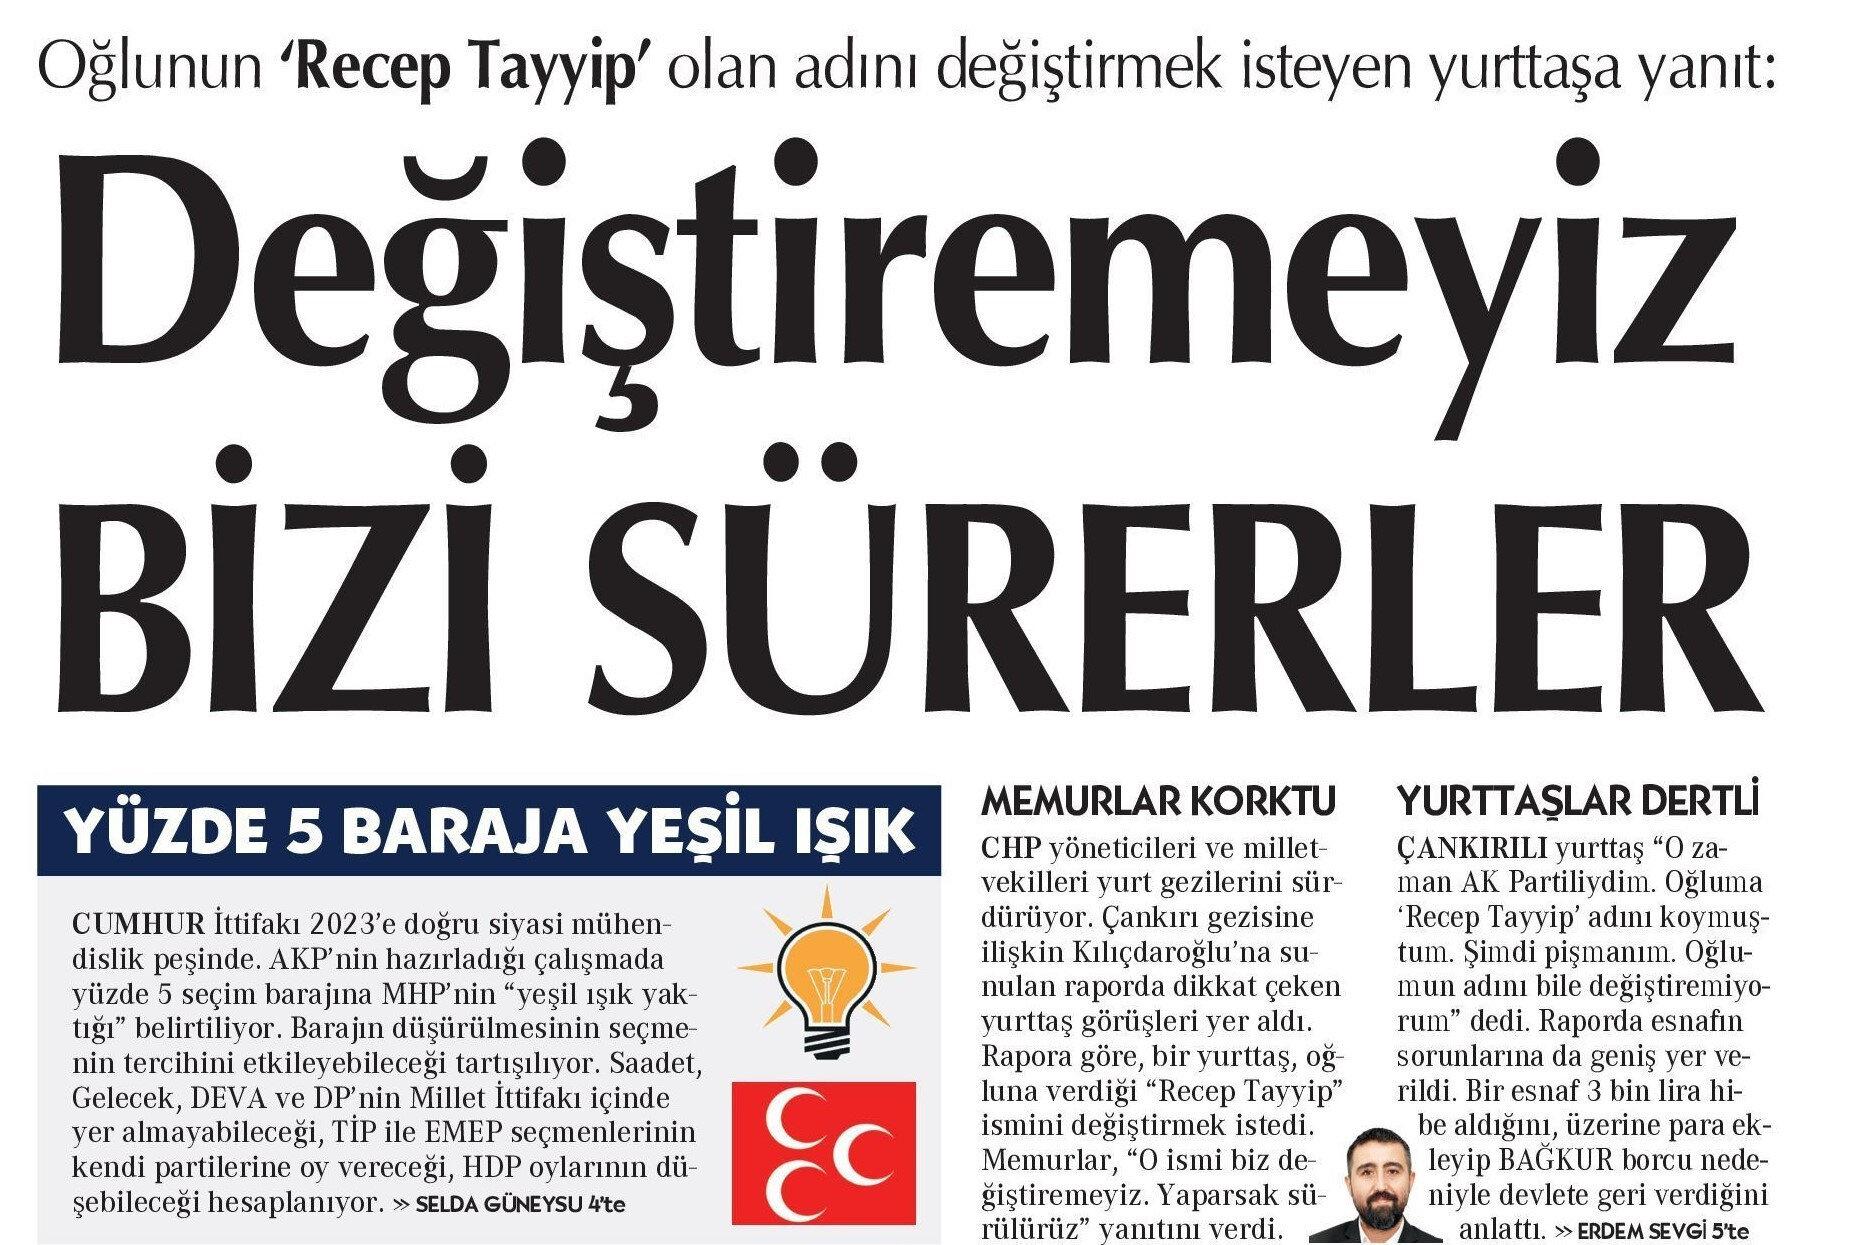 Cumhuriyet gazetesinin haberi